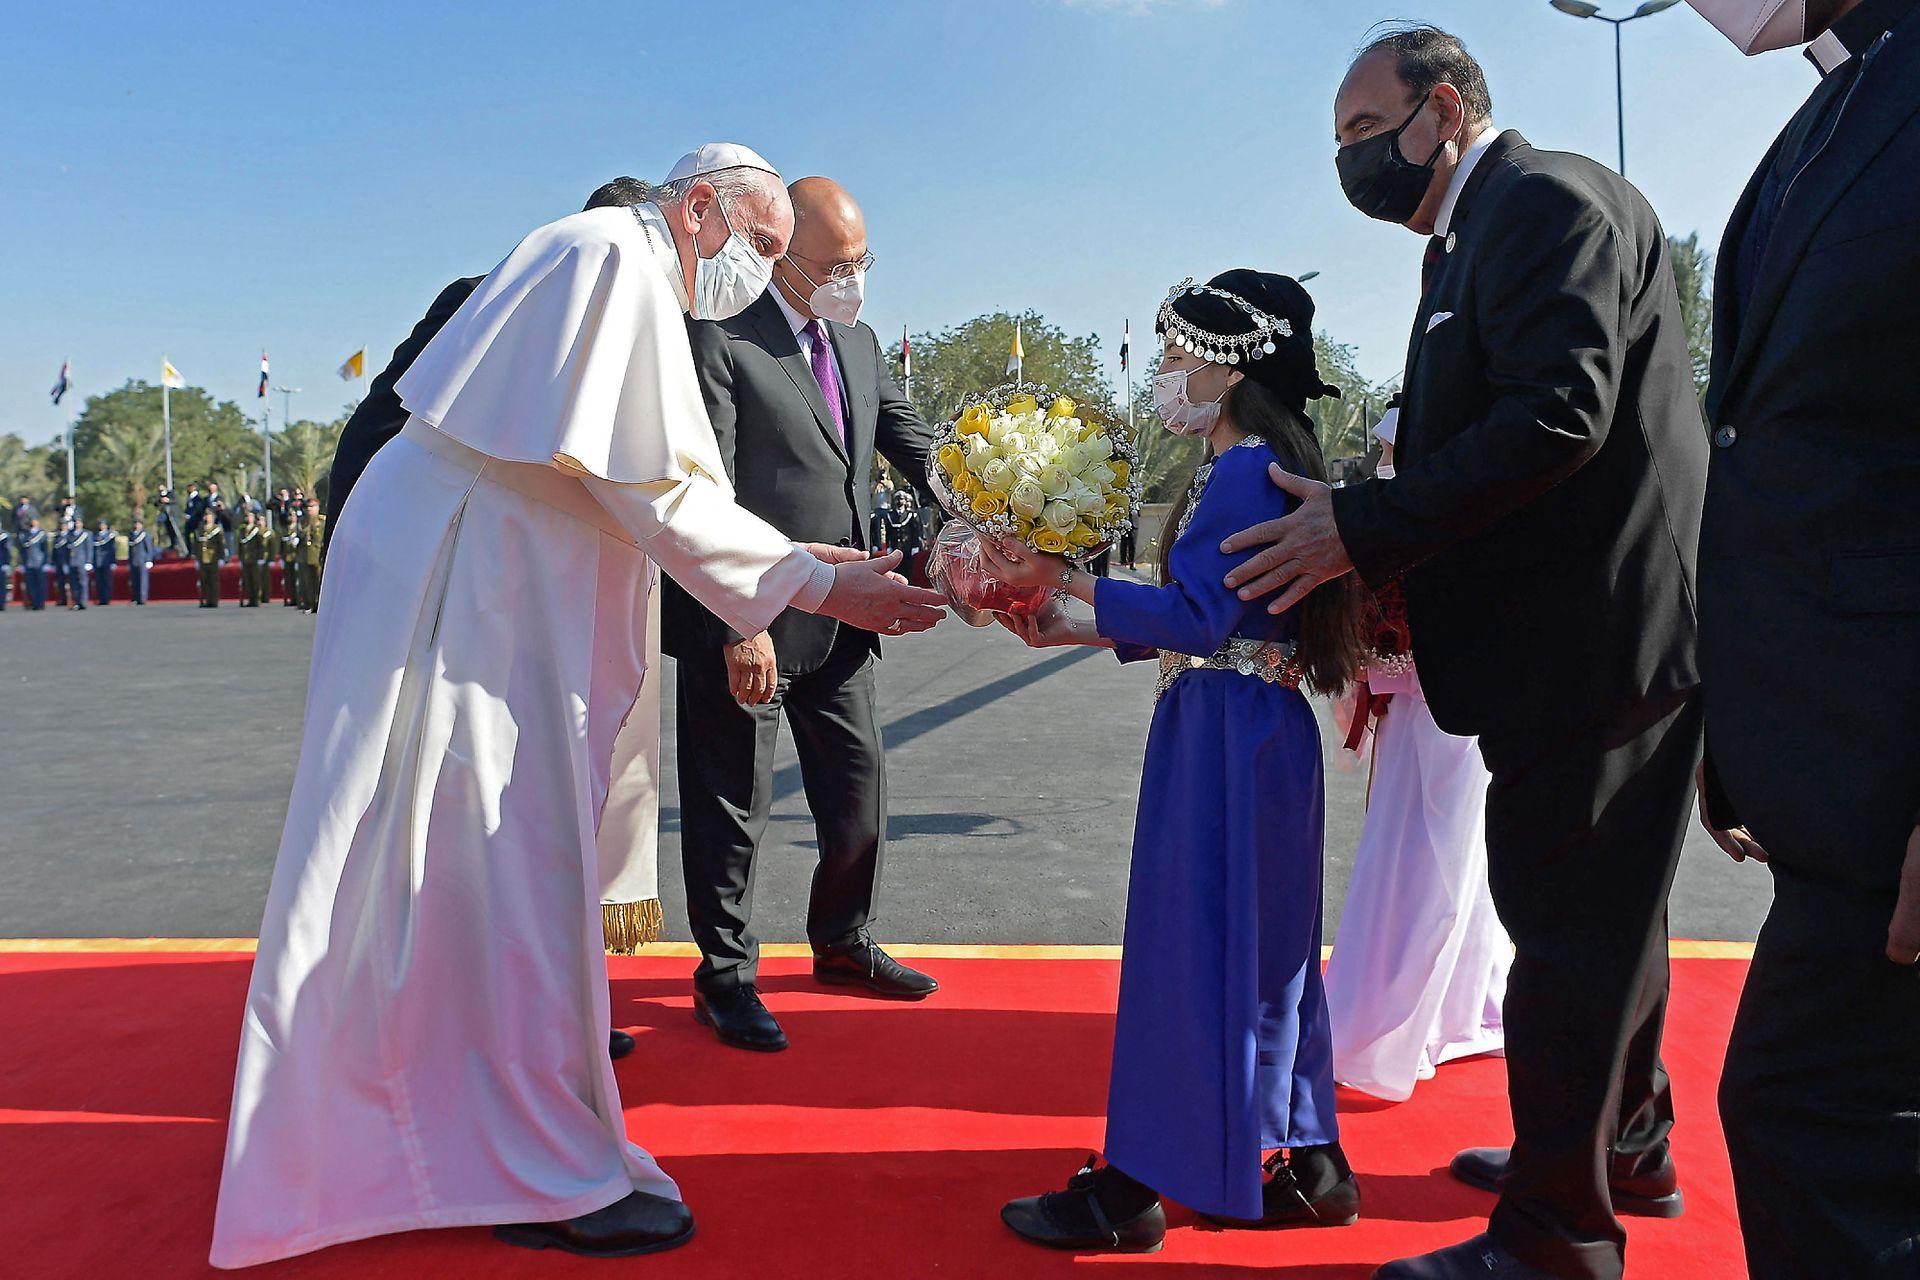 Una niña con vestimenta tradicional le ragala flores al Papa